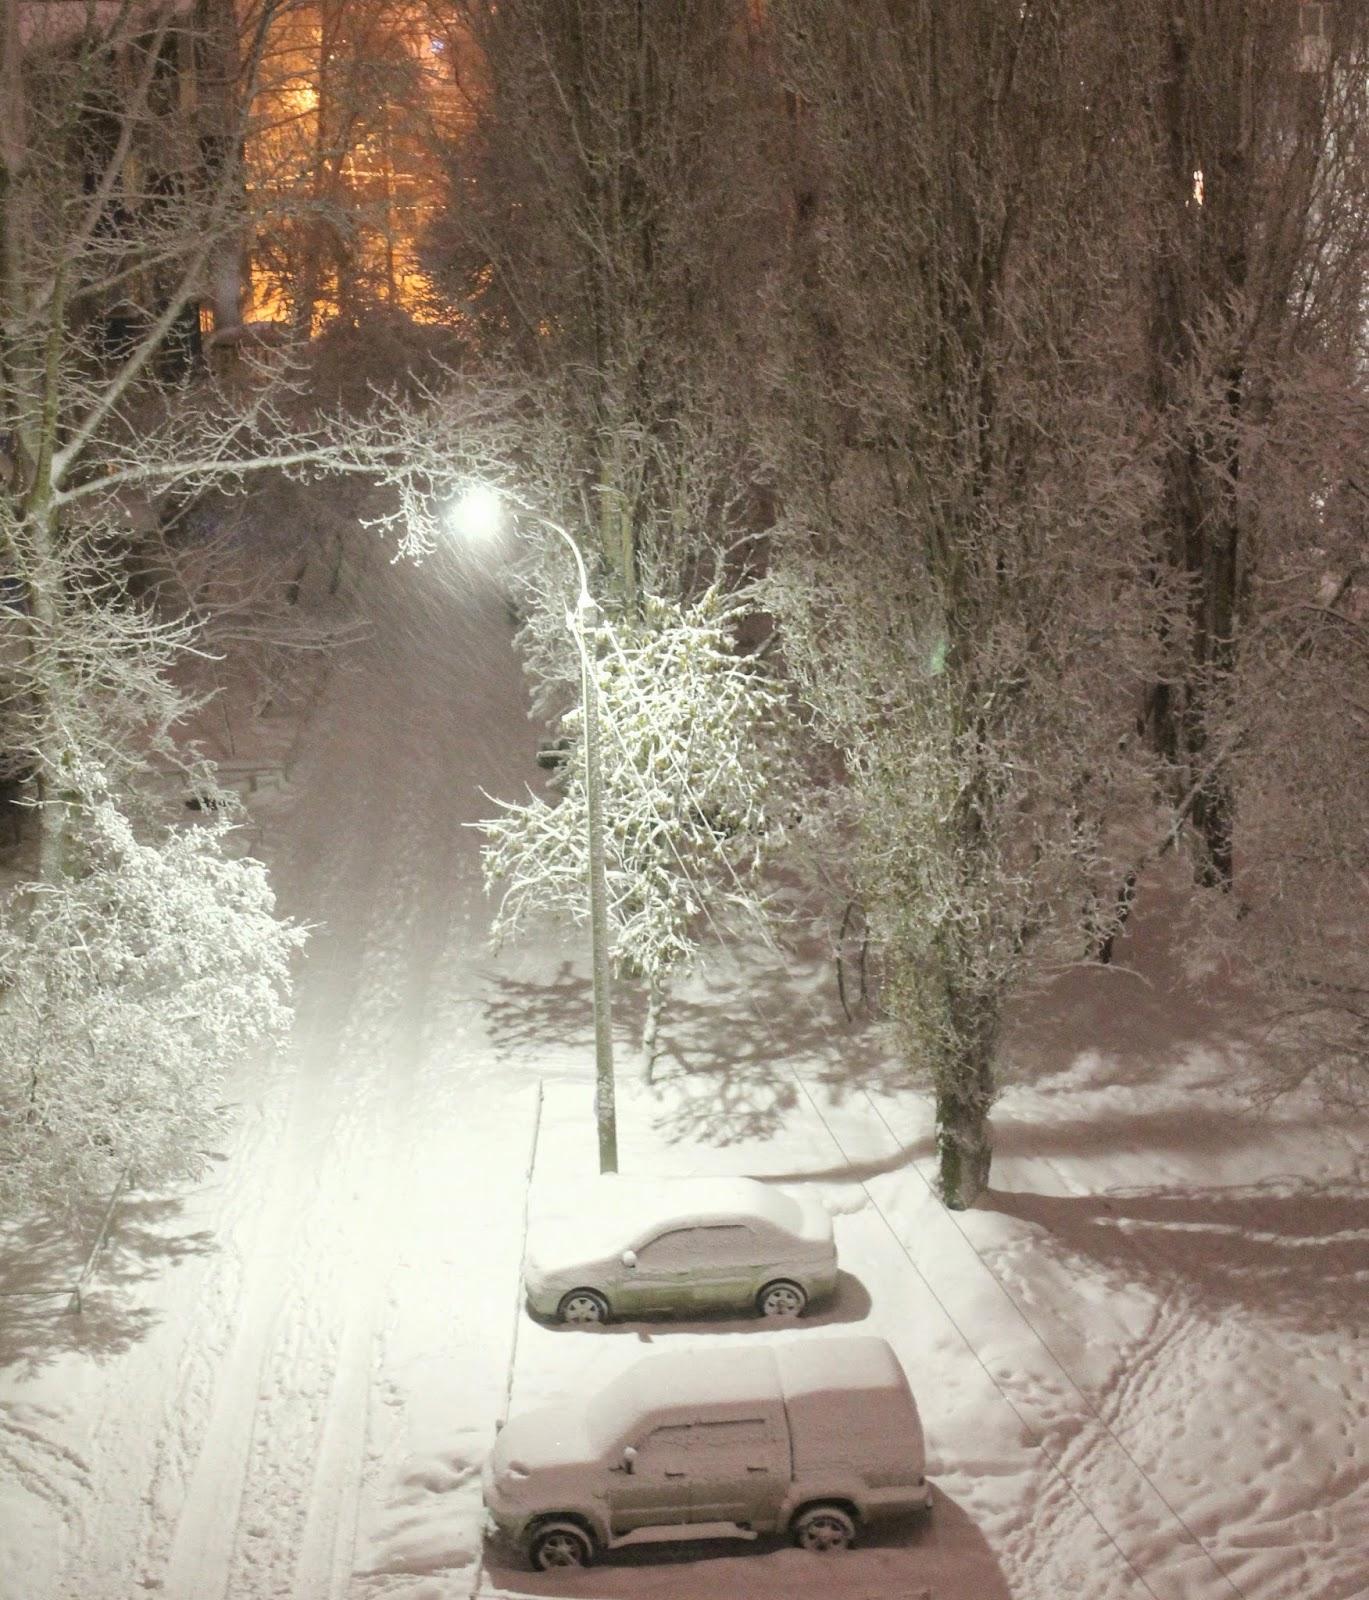 зимний город, елочный шарик, зимний лес, зимняя сказка, шишки, шары, поздравления